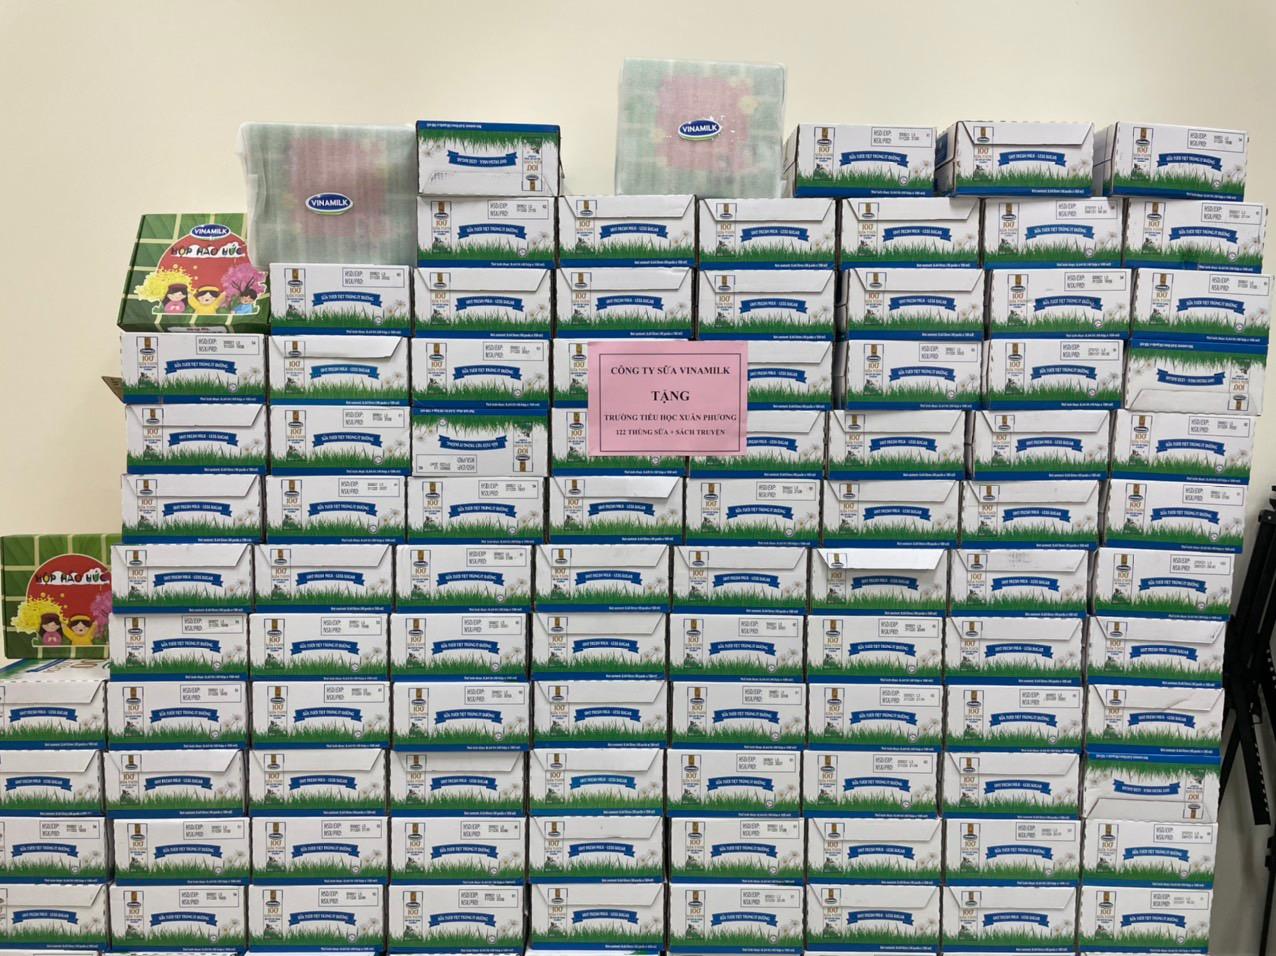 Vinamilk tặng 45.000 hộp sữa cho hơn 800 trẻ em đang cách ly tại Hà Nội, Hải Dương và Hải Phòng - Ảnh 2.